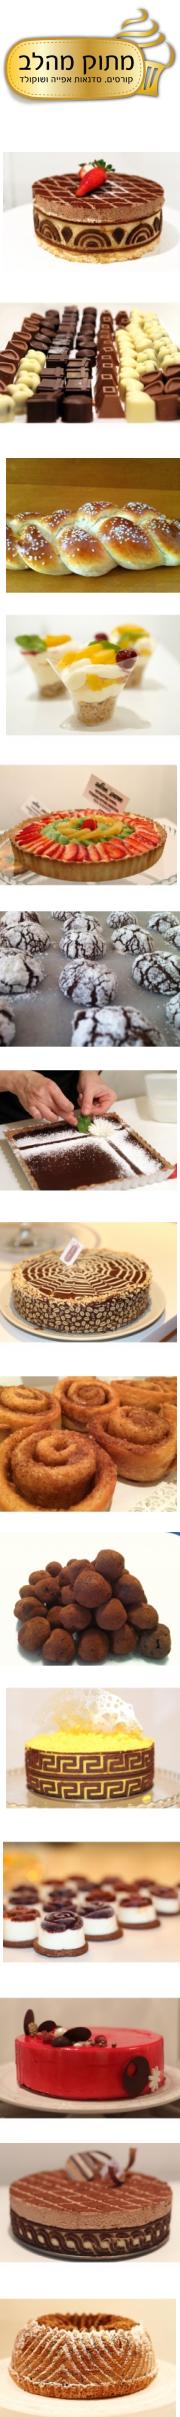 מתוק מהלב - קורסים סדנאות אפיה ושוקולד ביהוד - קורס אפיה לגמלאים ביהוד